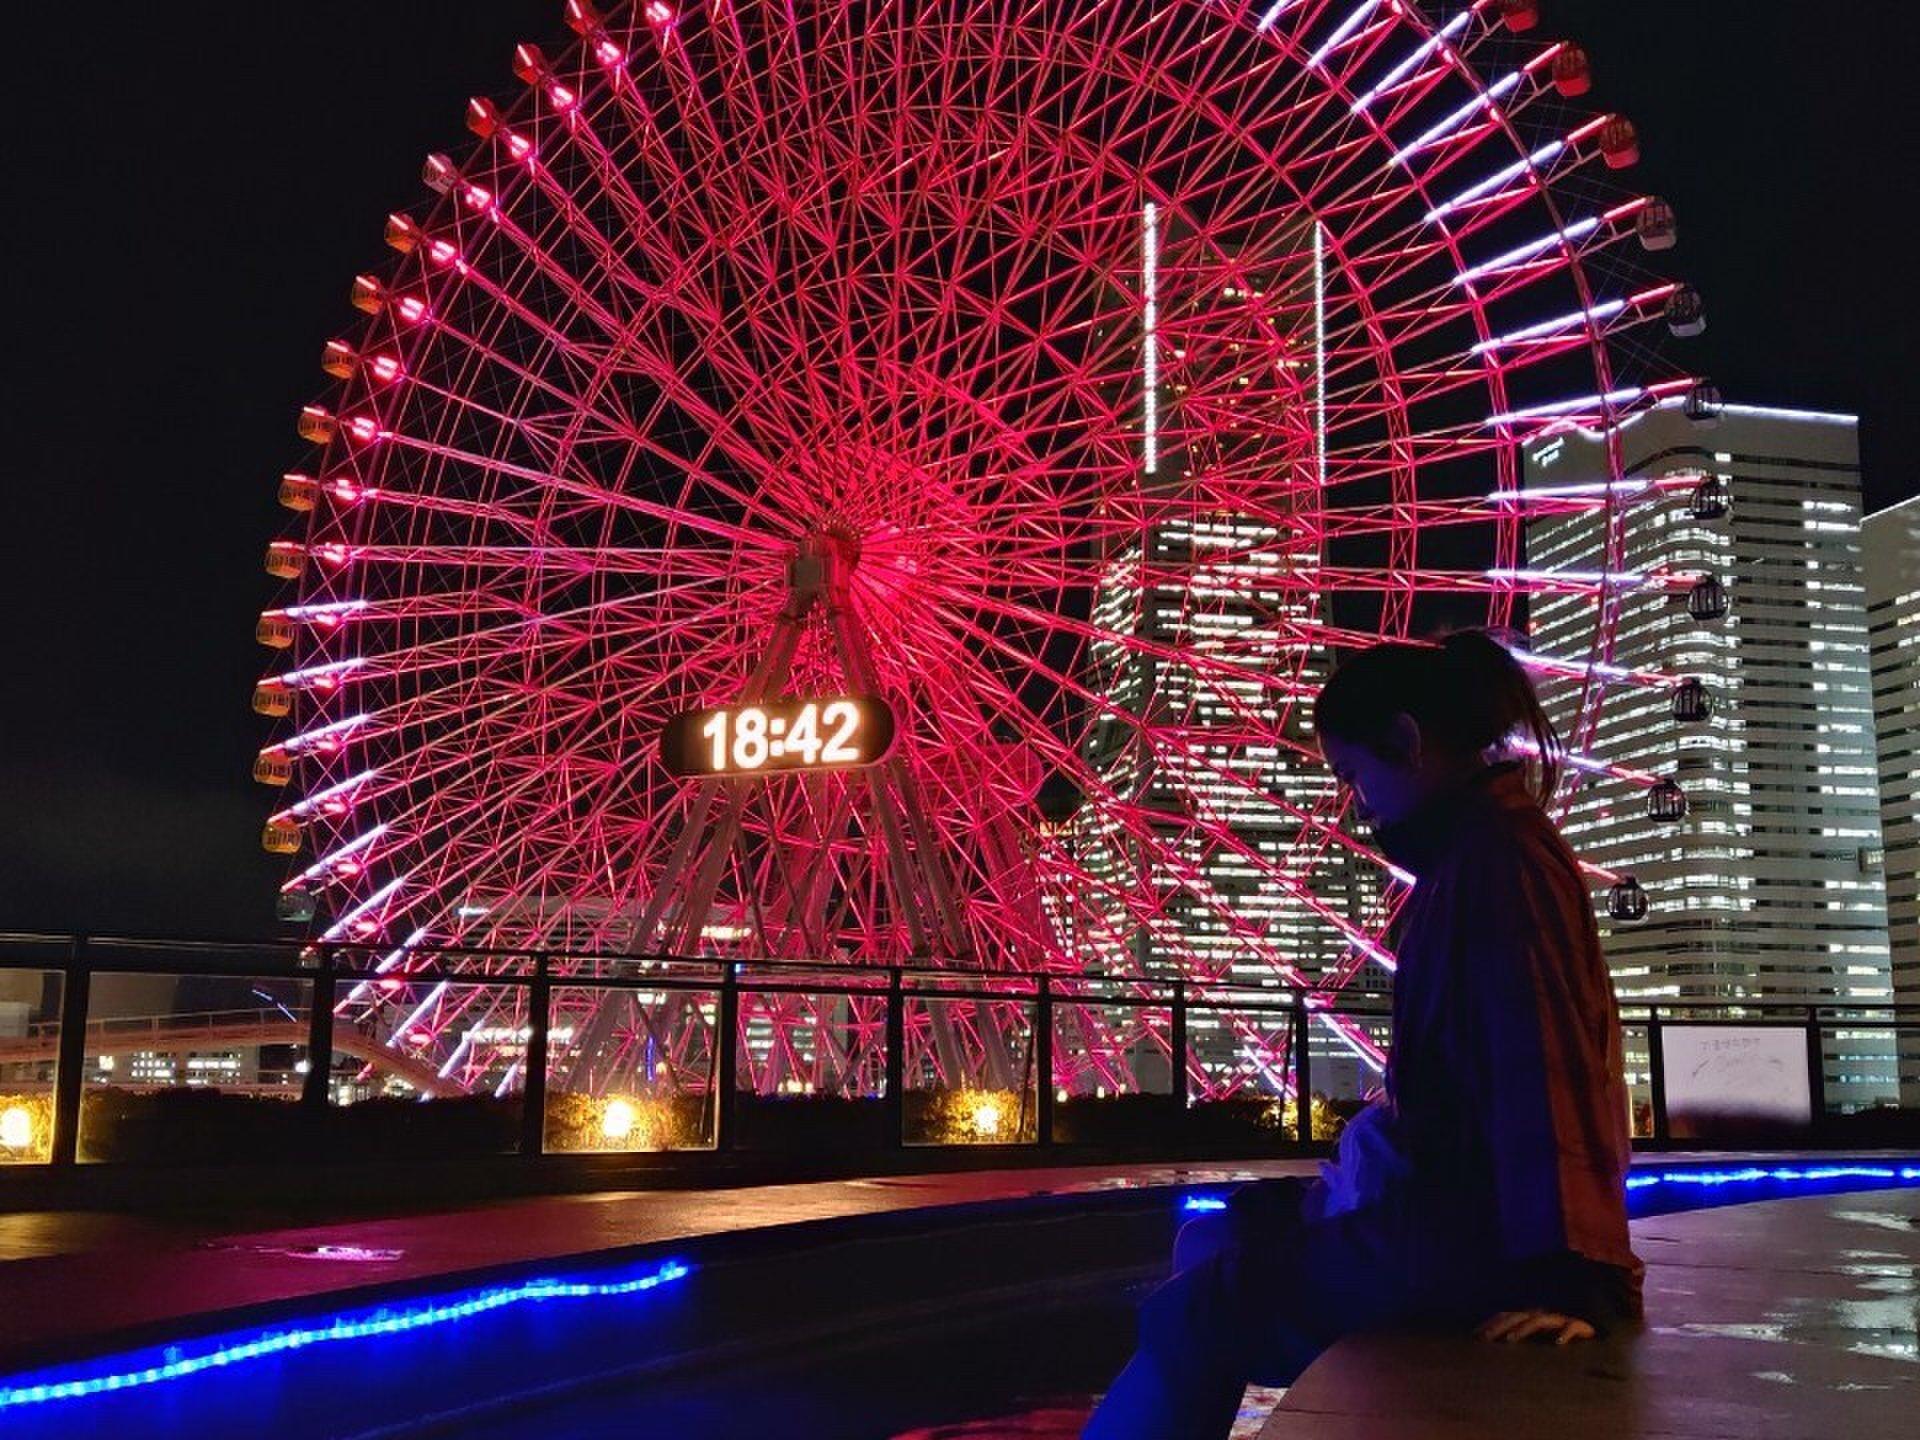 冬の横浜デートは平日が狙い目♡のんびりお泊まりプランで寒い冬がアツくなる!